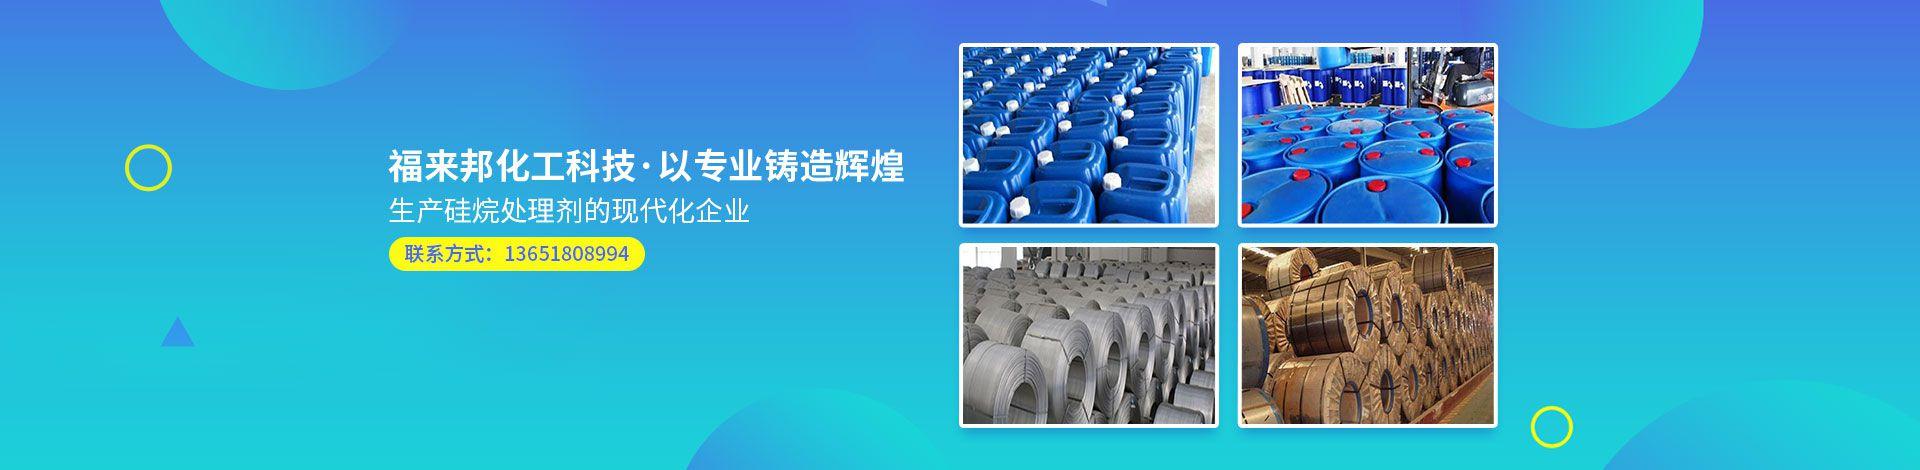 上海福来邦化工科技有限公司